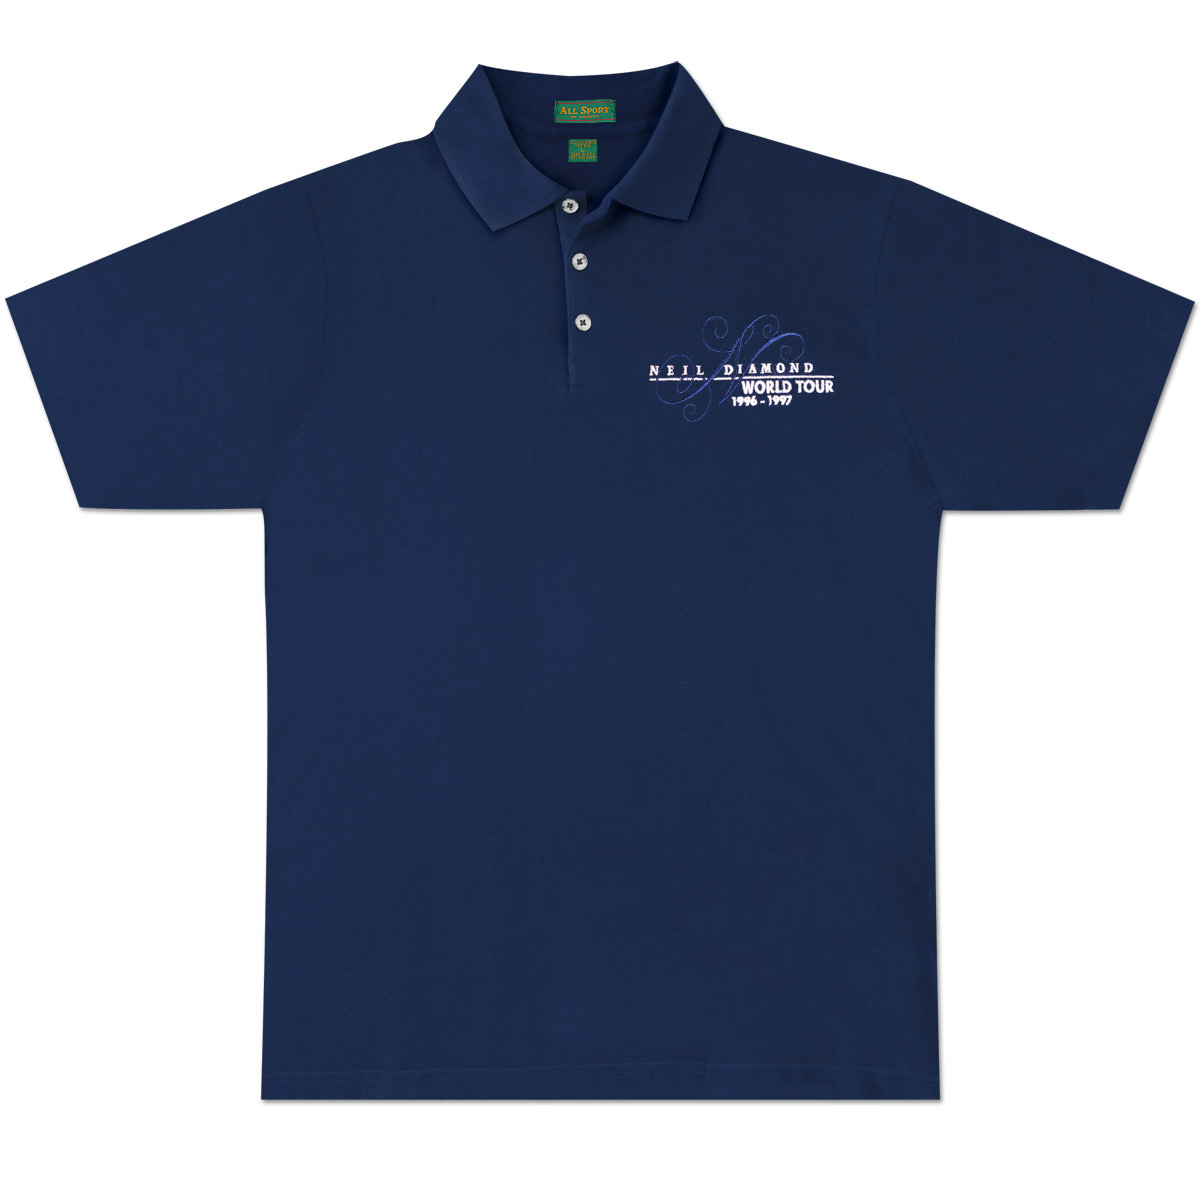 World Tour 96-97 Polo